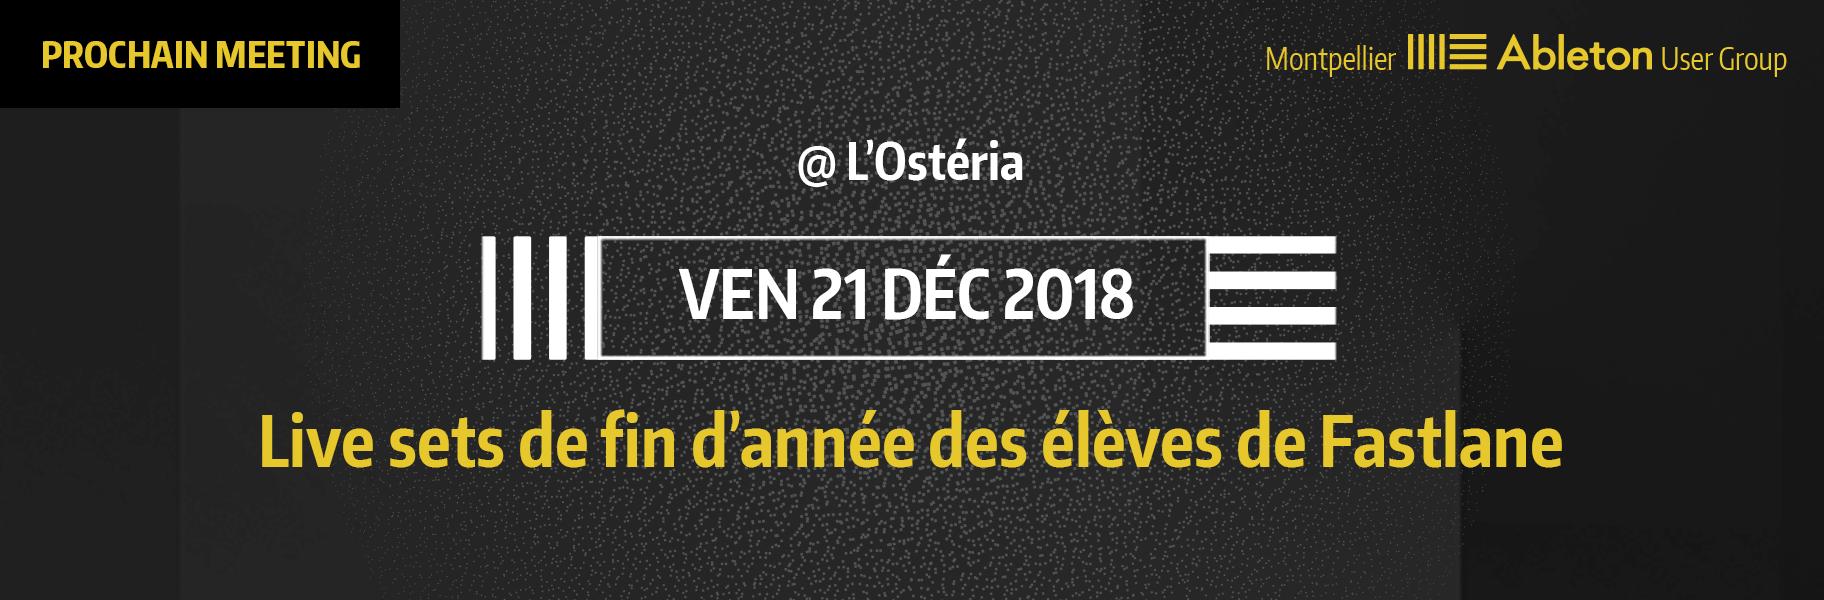 MAUG du 21 Décembre 2018 - Live sets de fin d'année des élèves de Fastlane